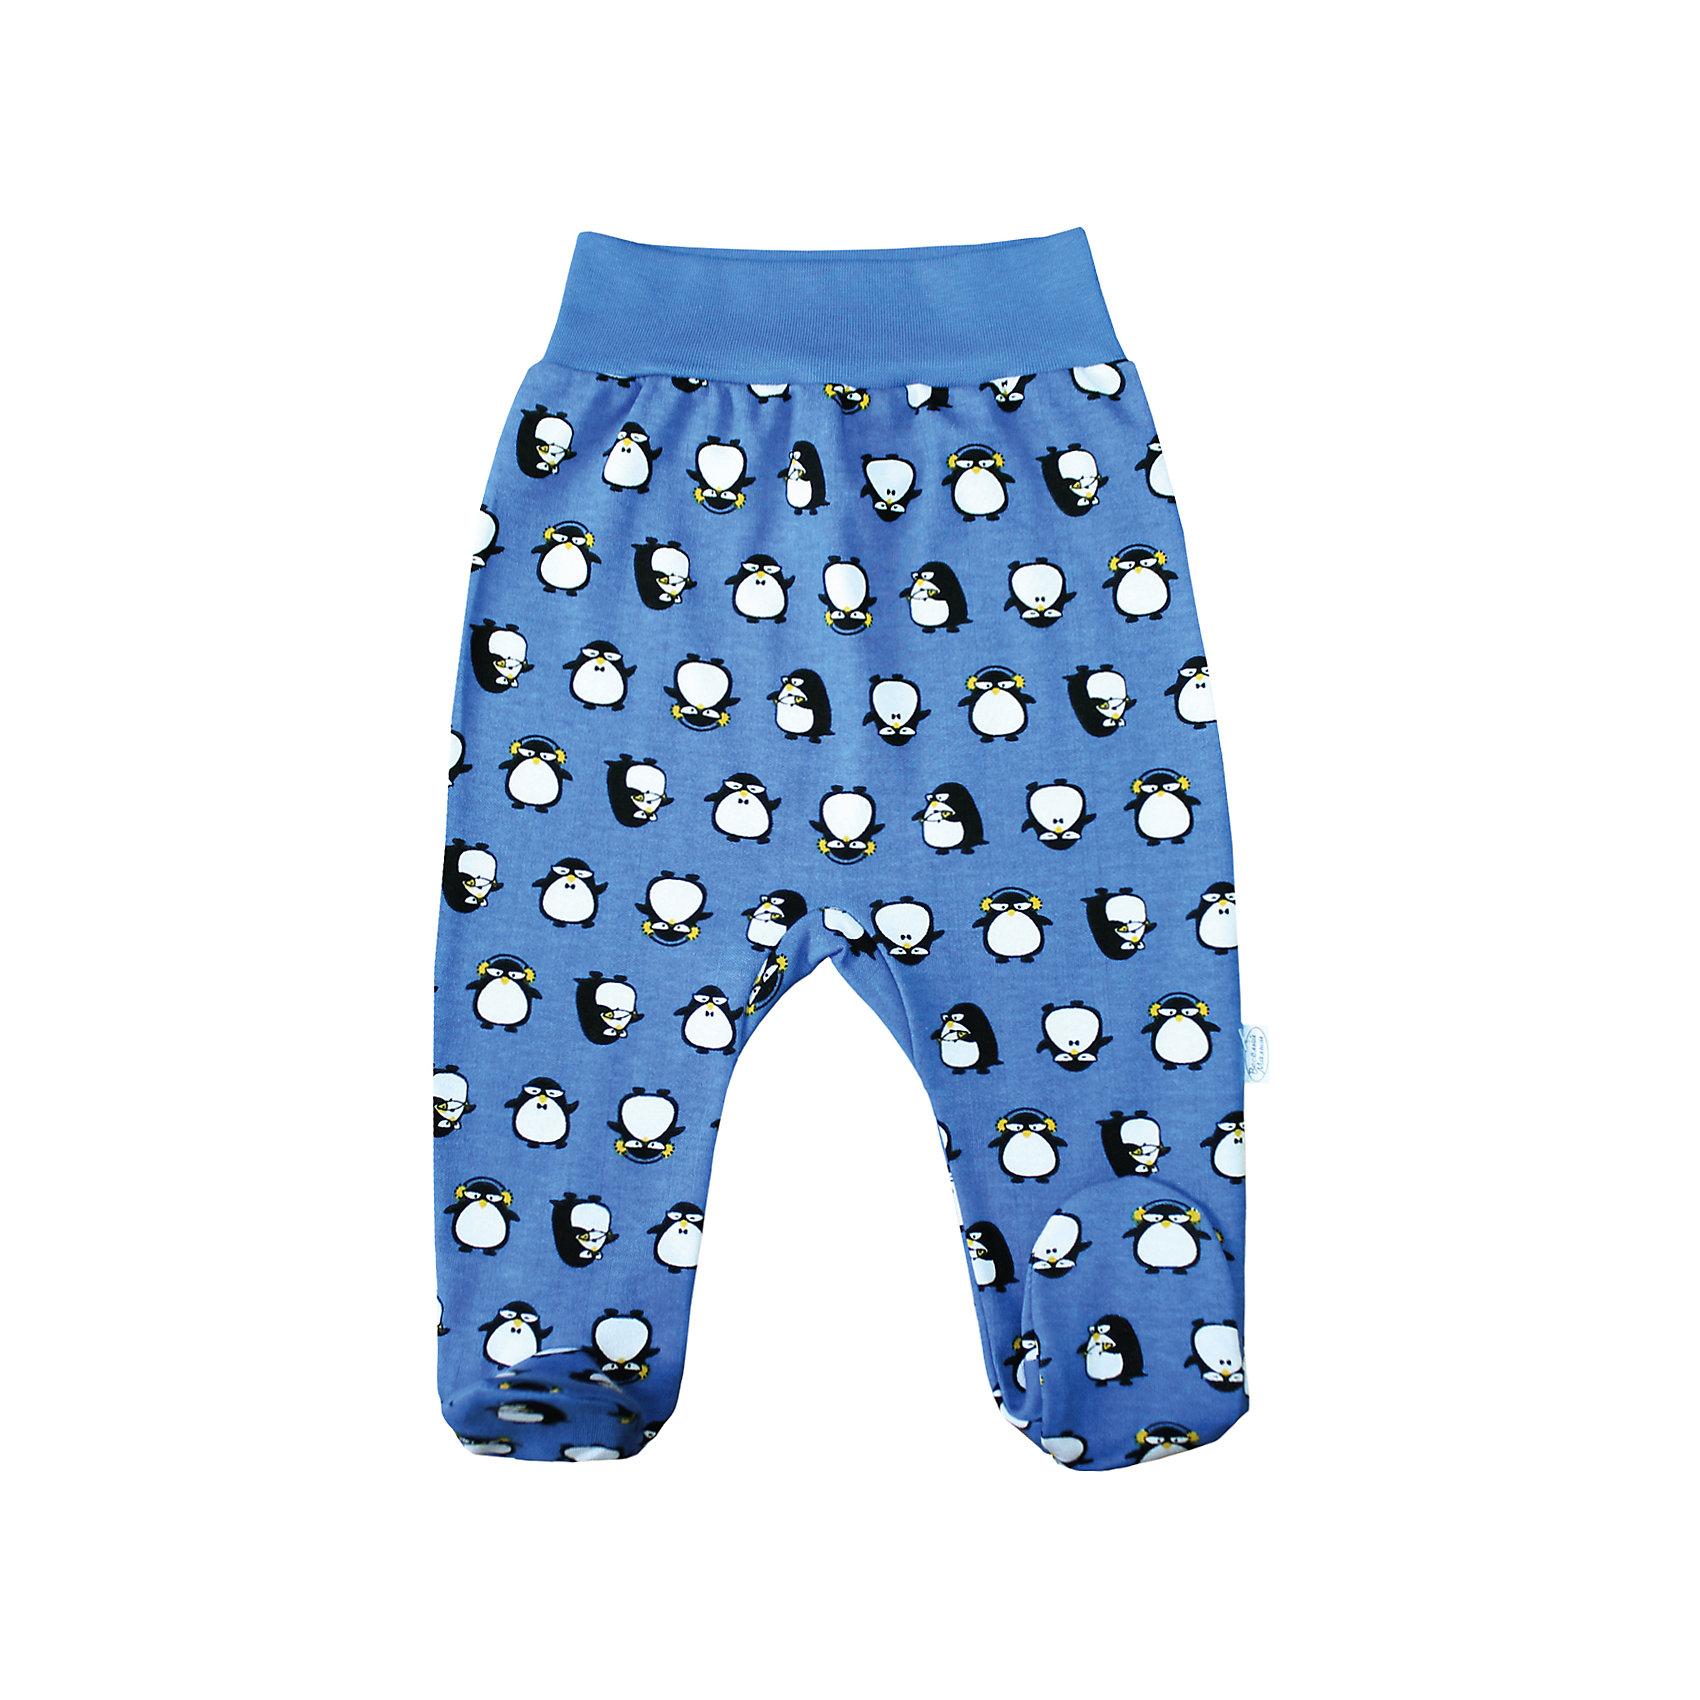 Ползунки для мальчика Веселый малышПолзунки и штанишки<br>Ползунки короткие с широкой резинкой из интерлока (пенье).<br>Состав:<br>100% Хлопок<br><br>Ширина мм: 157<br>Глубина мм: 13<br>Высота мм: 119<br>Вес г: 200<br>Цвет: голубой<br>Возраст от месяцев: 2<br>Возраст до месяцев: 5<br>Пол: Мужской<br>Возраст: Детский<br>Размер: 62,68,74<br>SKU: 5063200